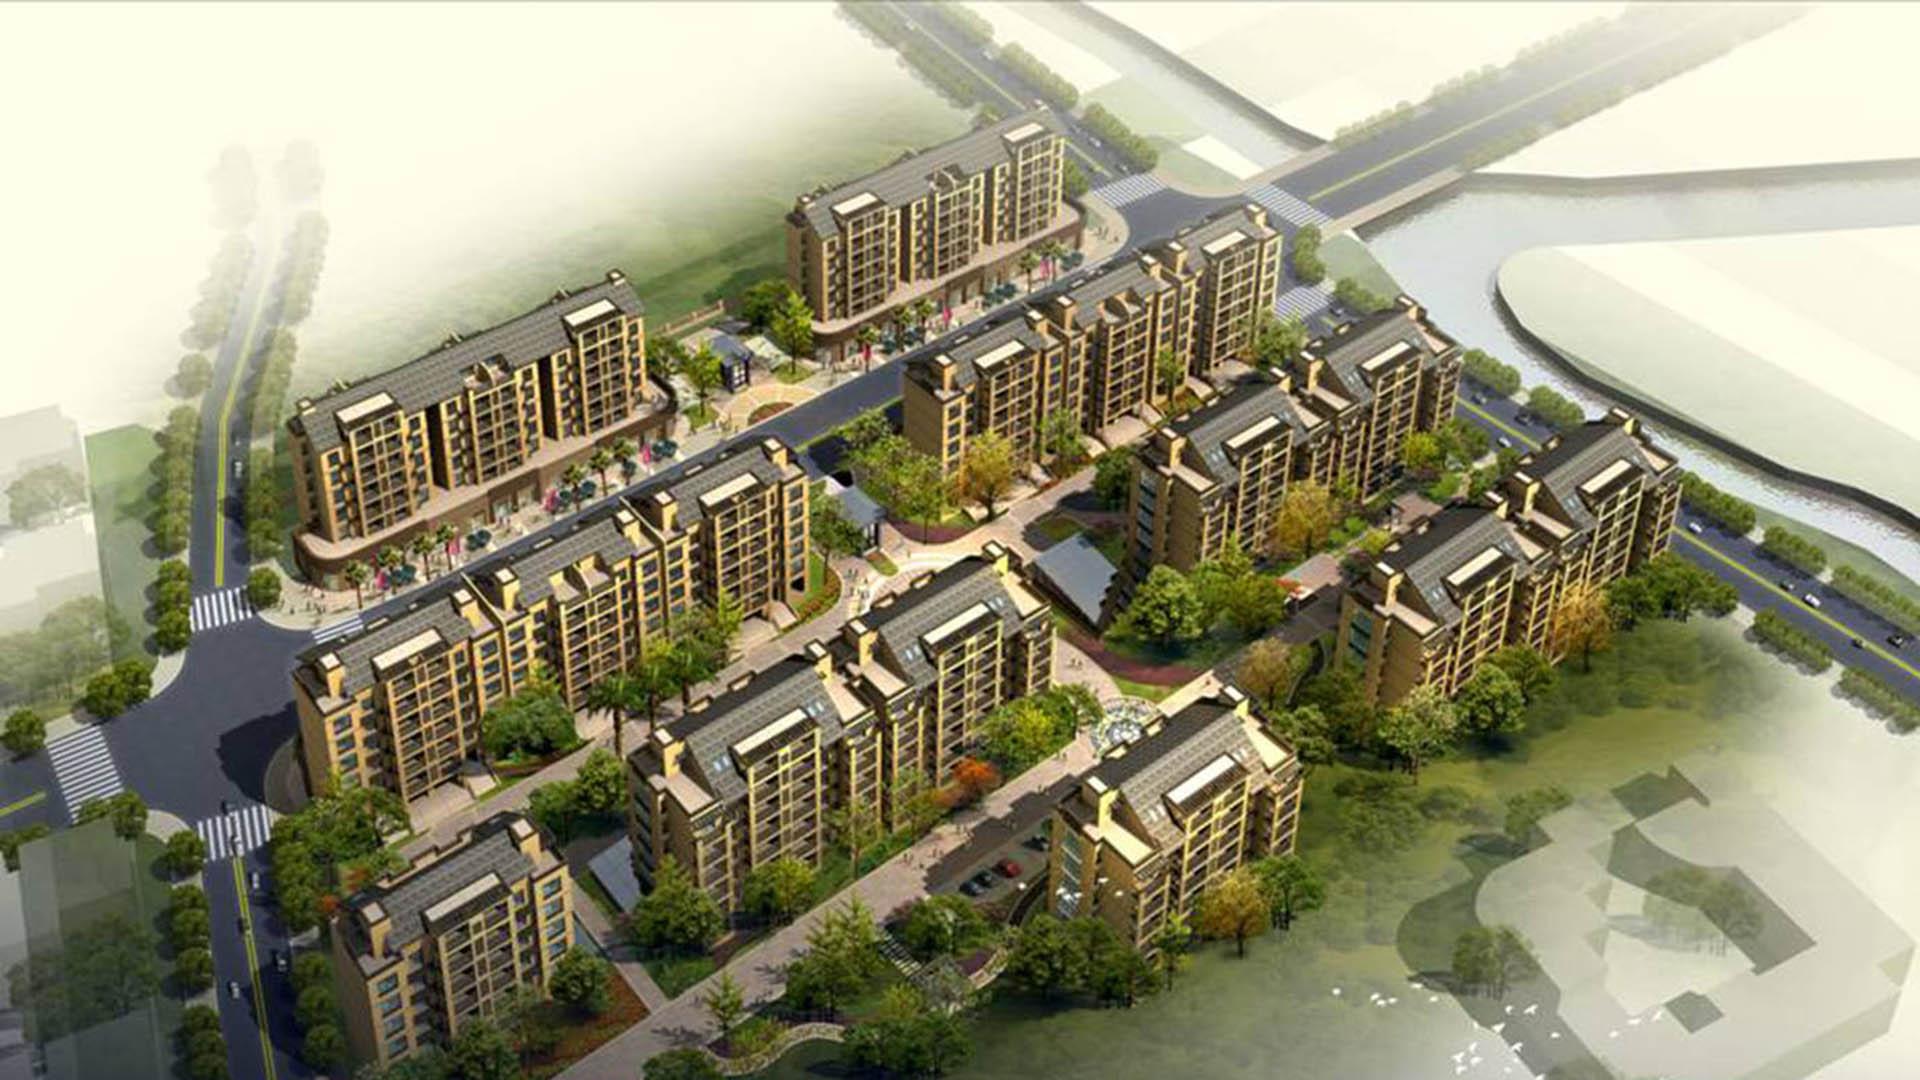 2011--闲林镇民丰村农居小区二标段效果图